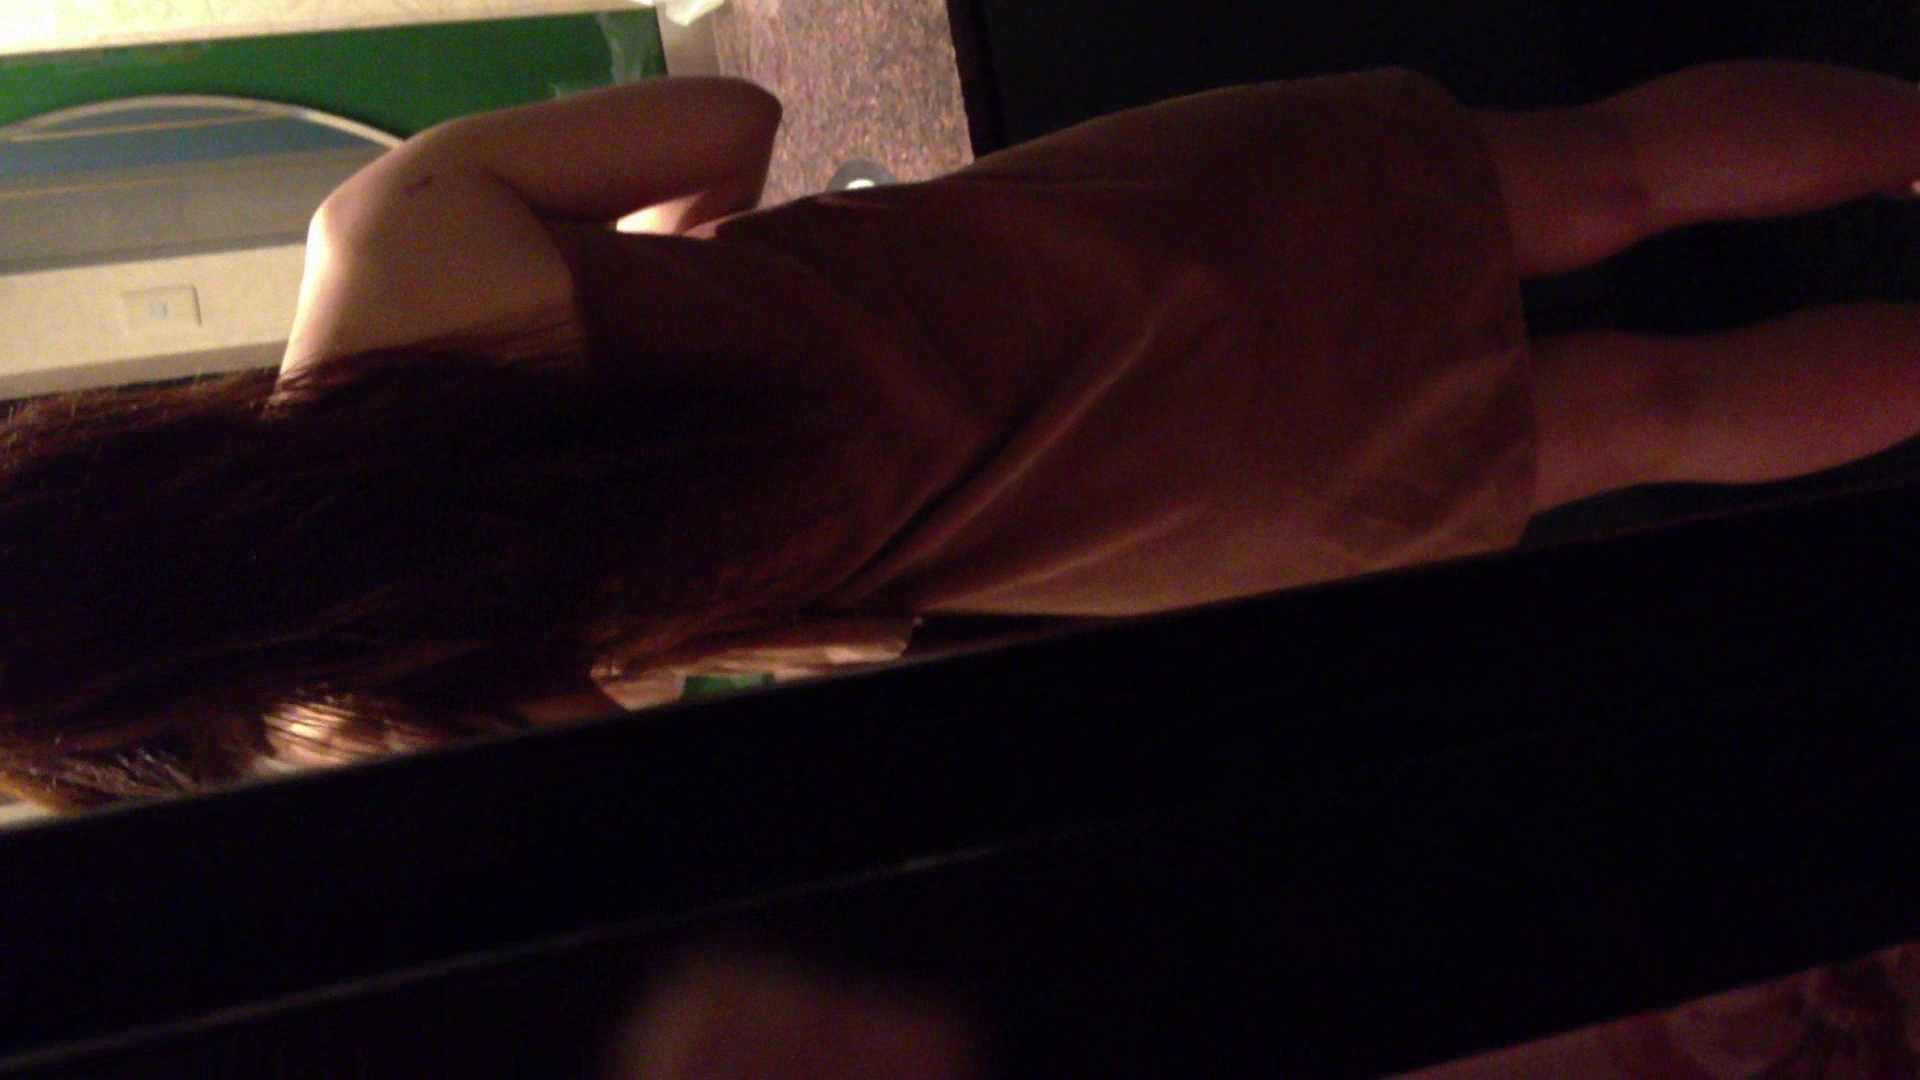 14(14日目)風呂上りのドライヤー 現役ギャル アダルト動画キャプチャ 105pic 57